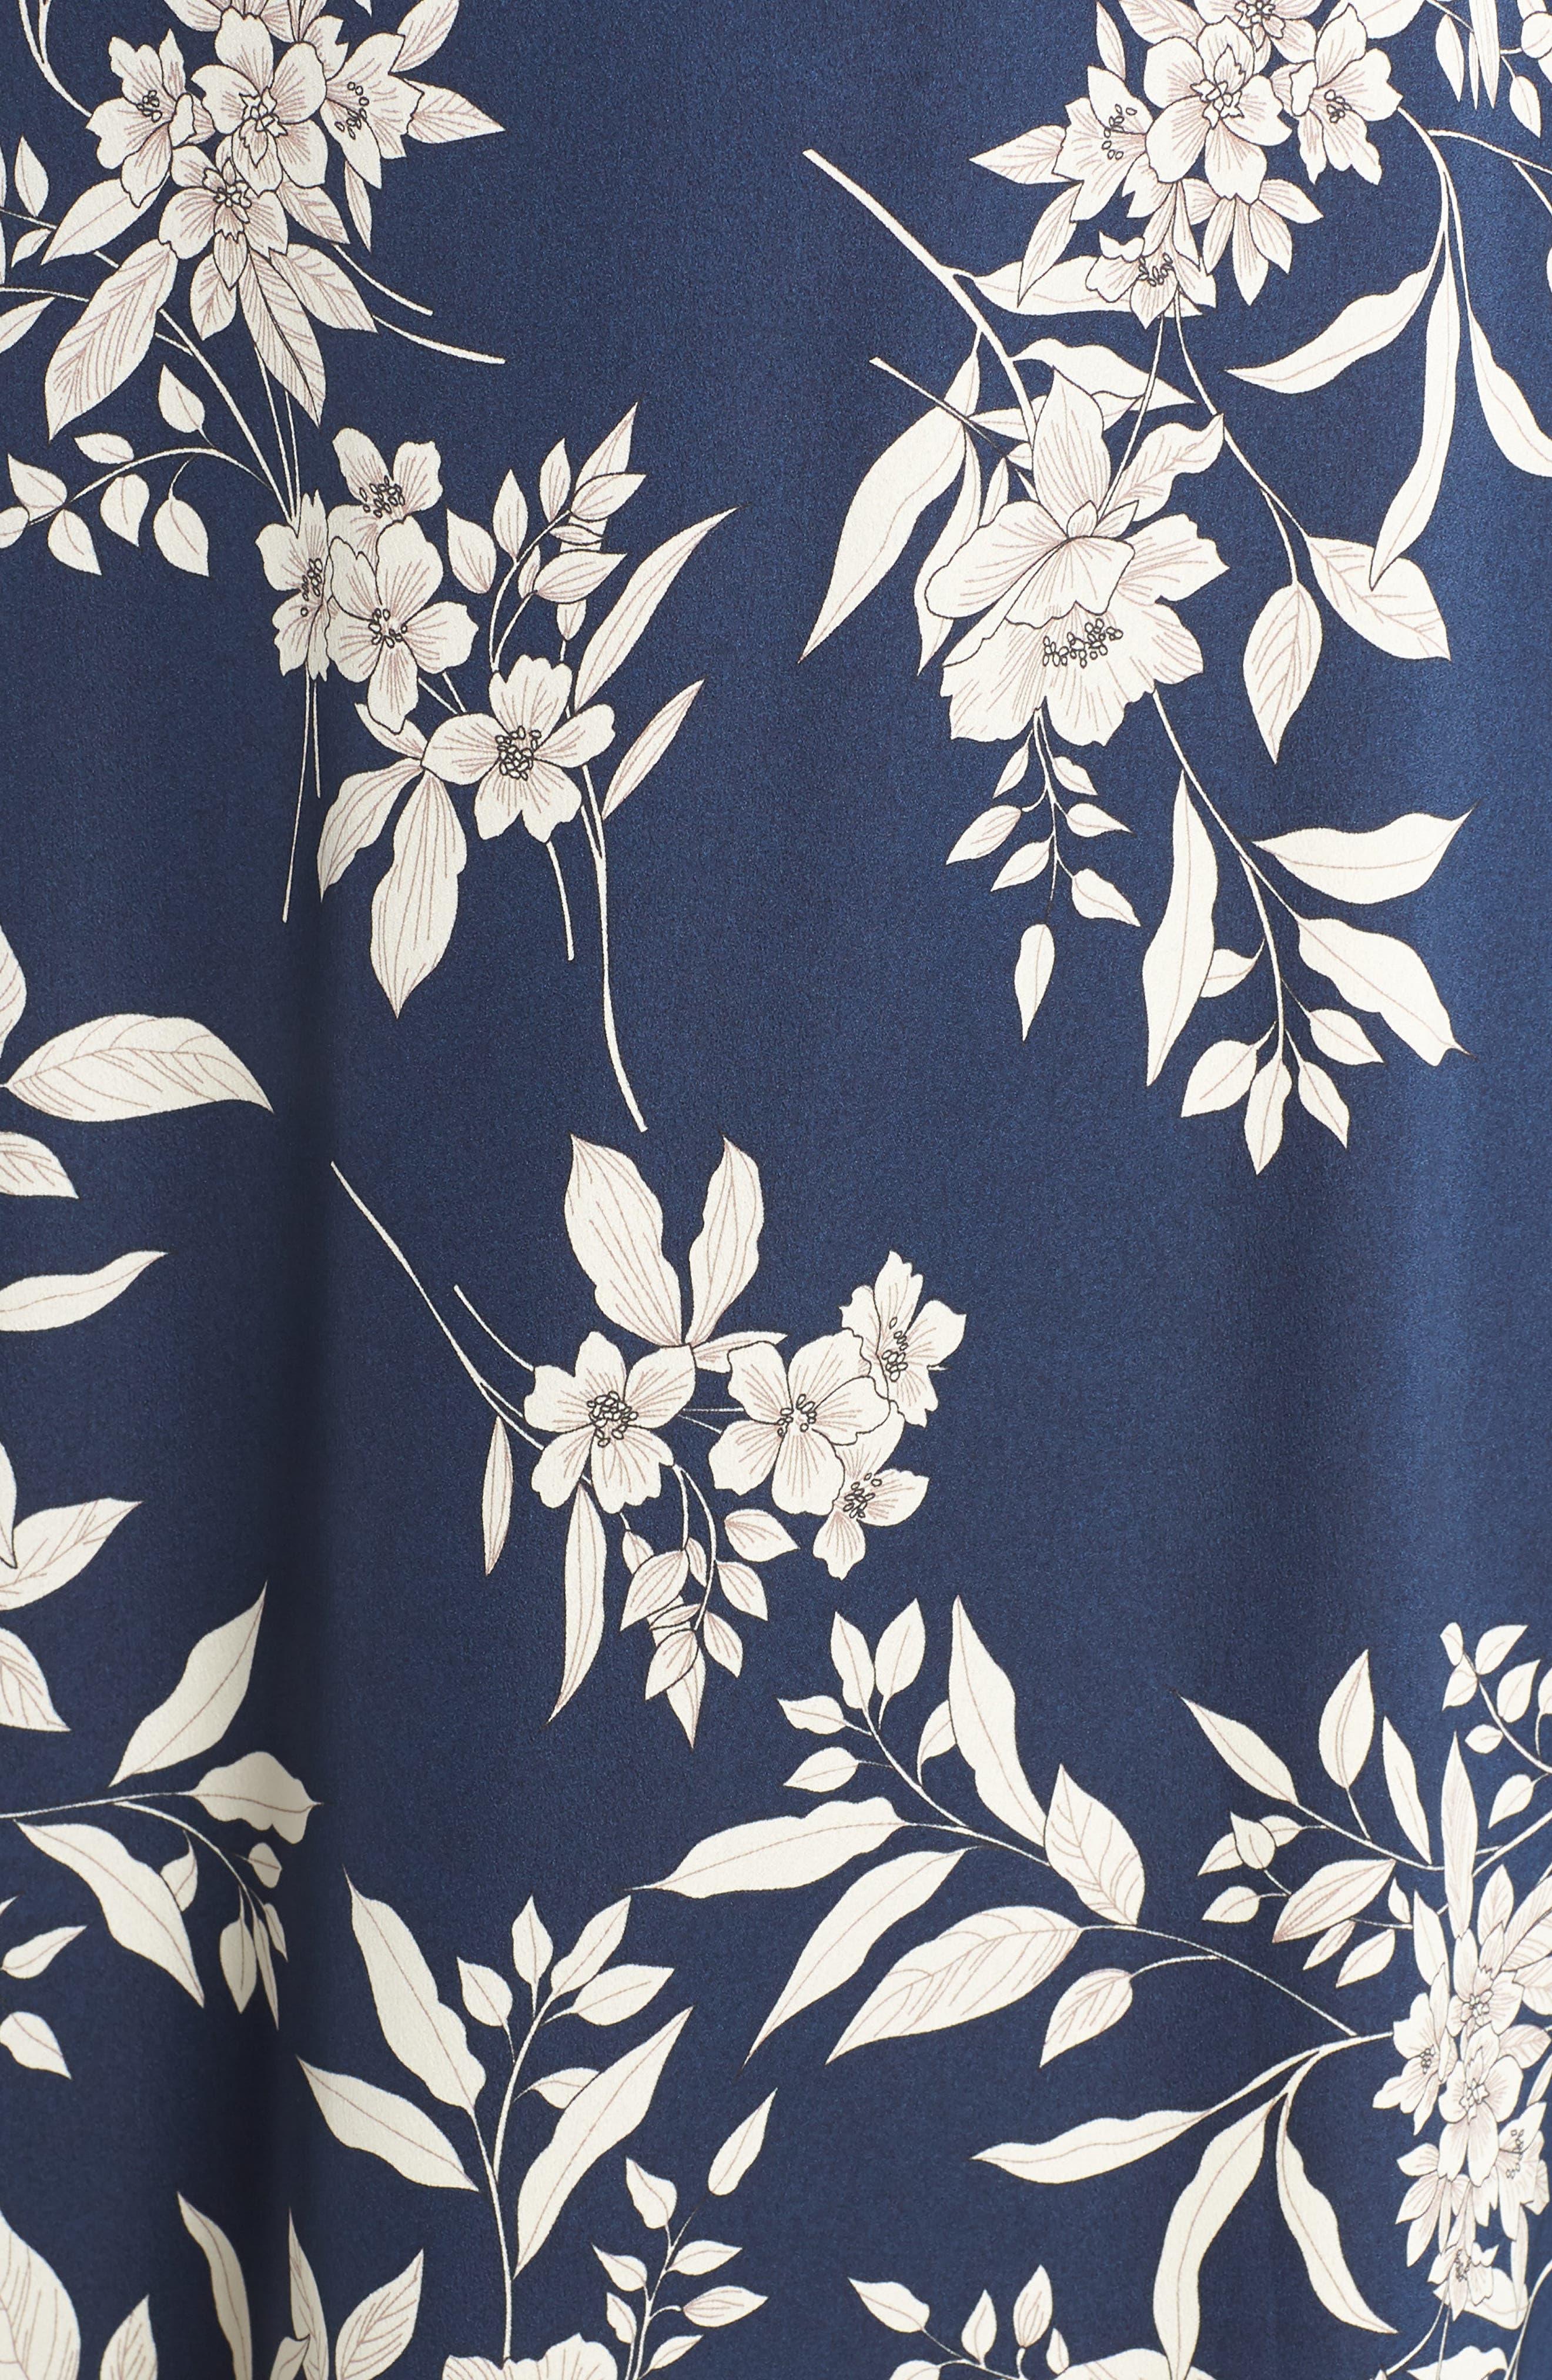 Etched Bouquet Midi Dress,                             Alternate thumbnail 6, color,                             INK BLUE